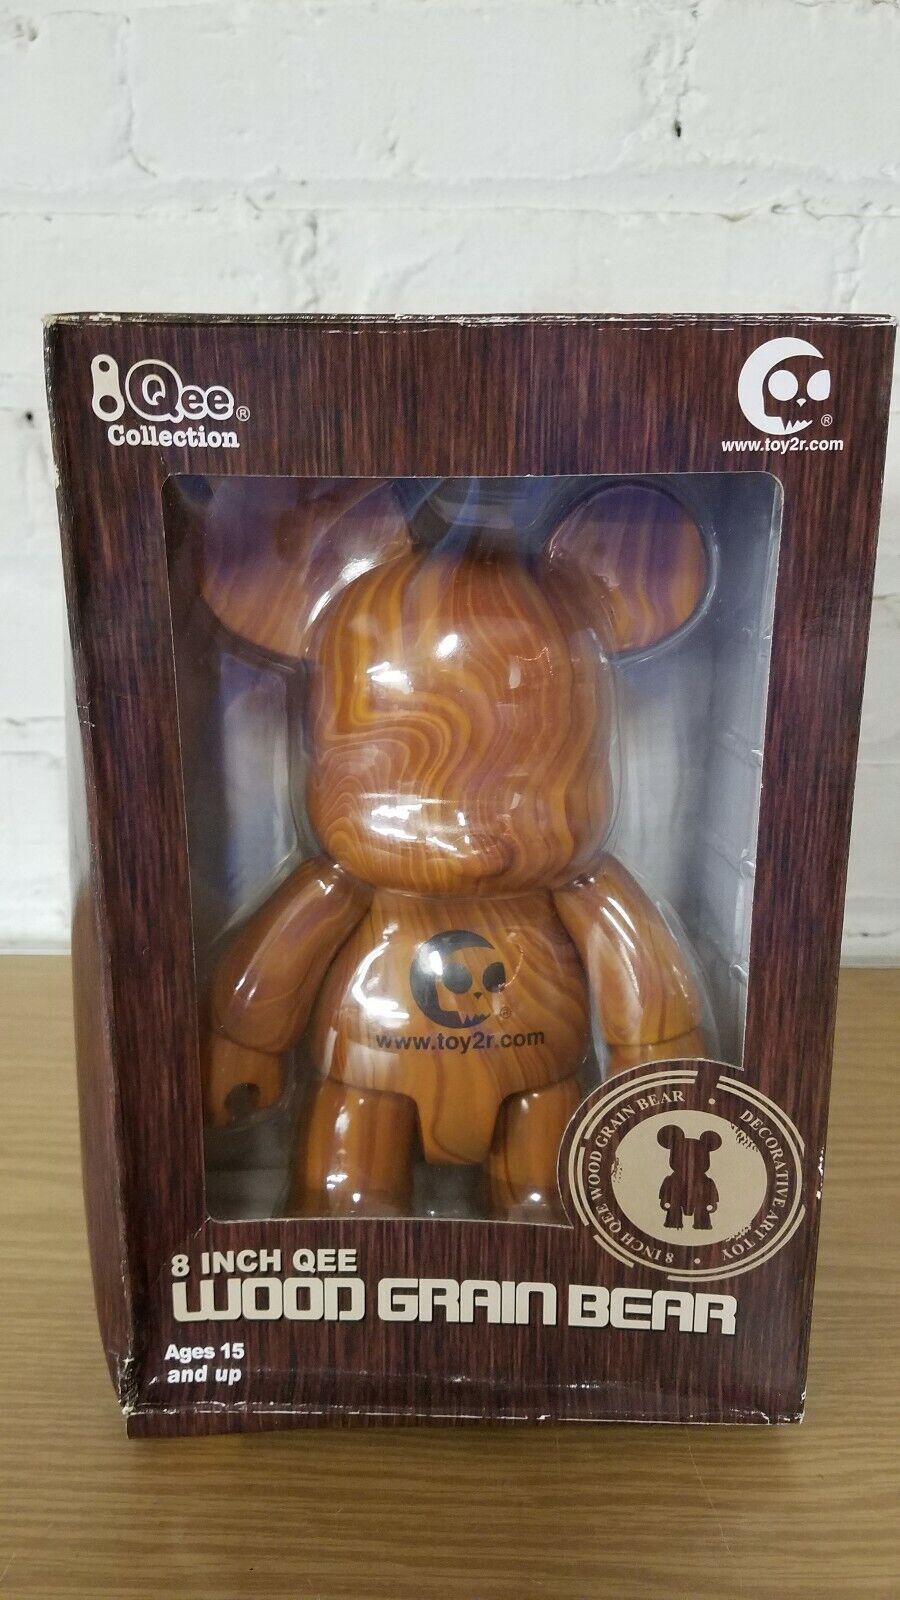 hasta un 65% de descuento Raro Raro Raro Nuevo 8 pulgadas Qee Wood grano oso de arte del juguete por Juguete2r  paquete dañado  venta con alto descuento